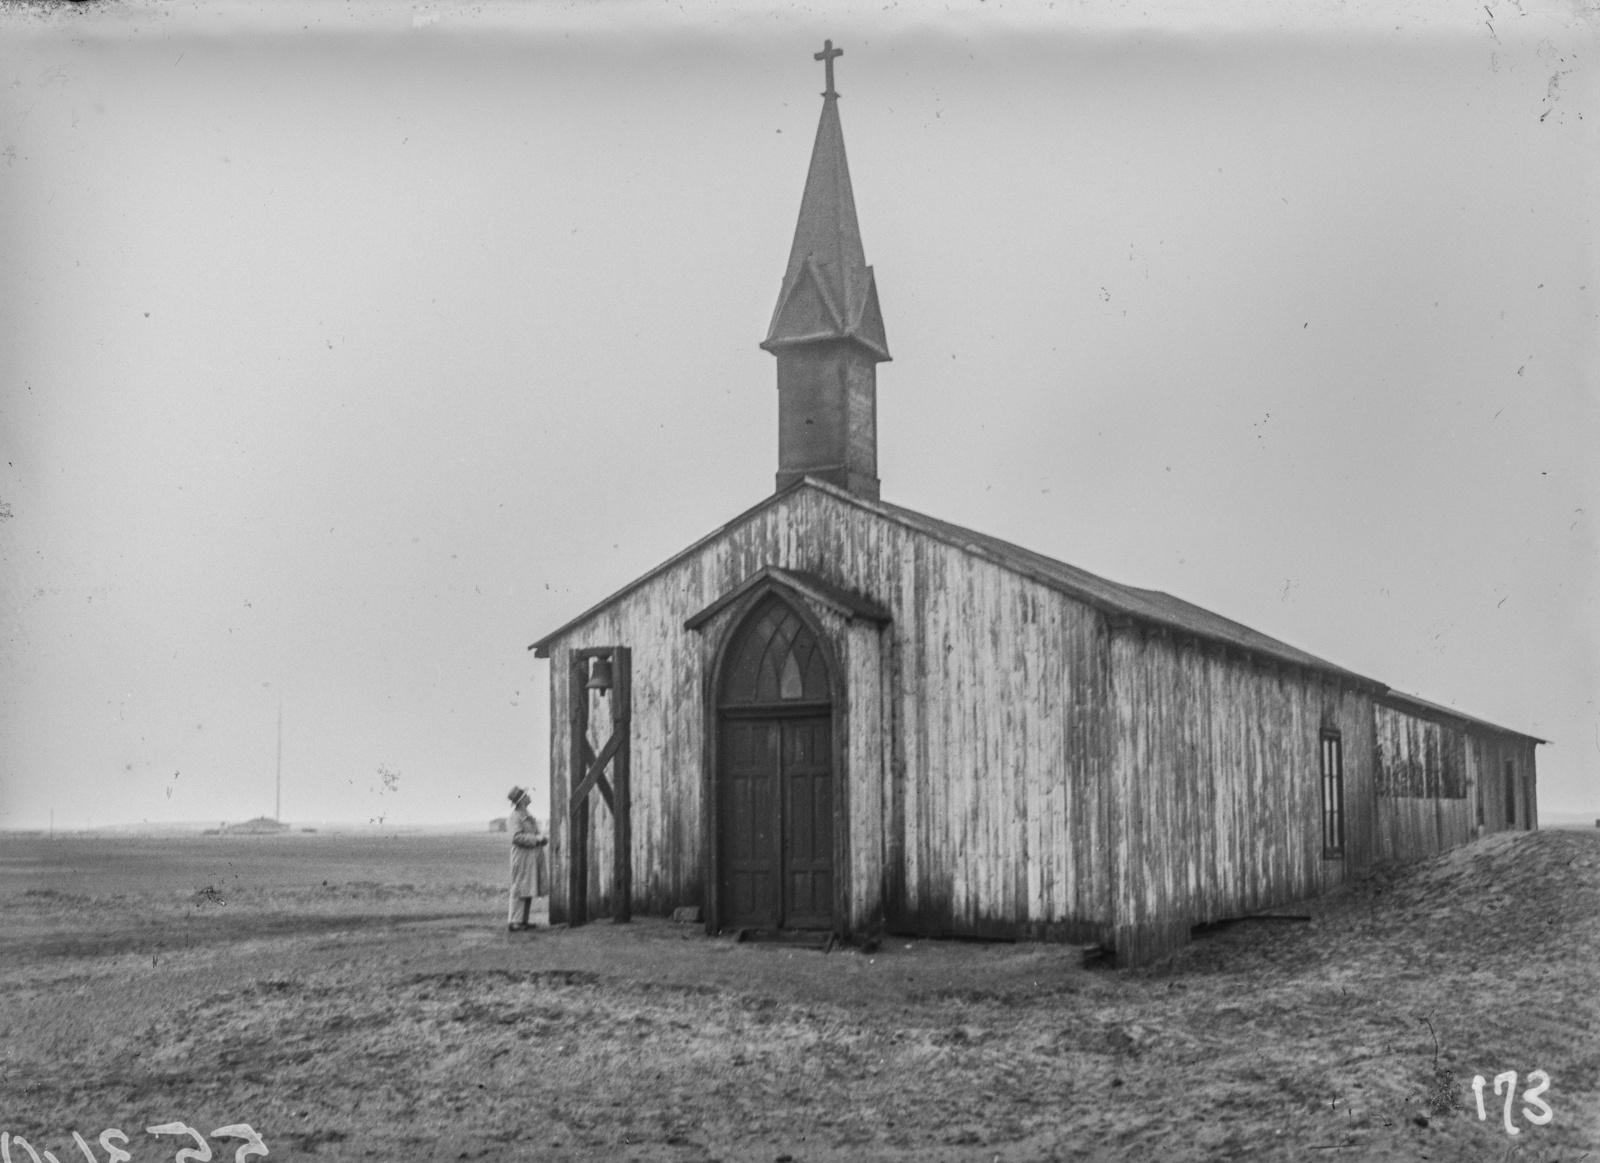 Южно-Африканский Союз. Уолфиш-Бей. Церковь